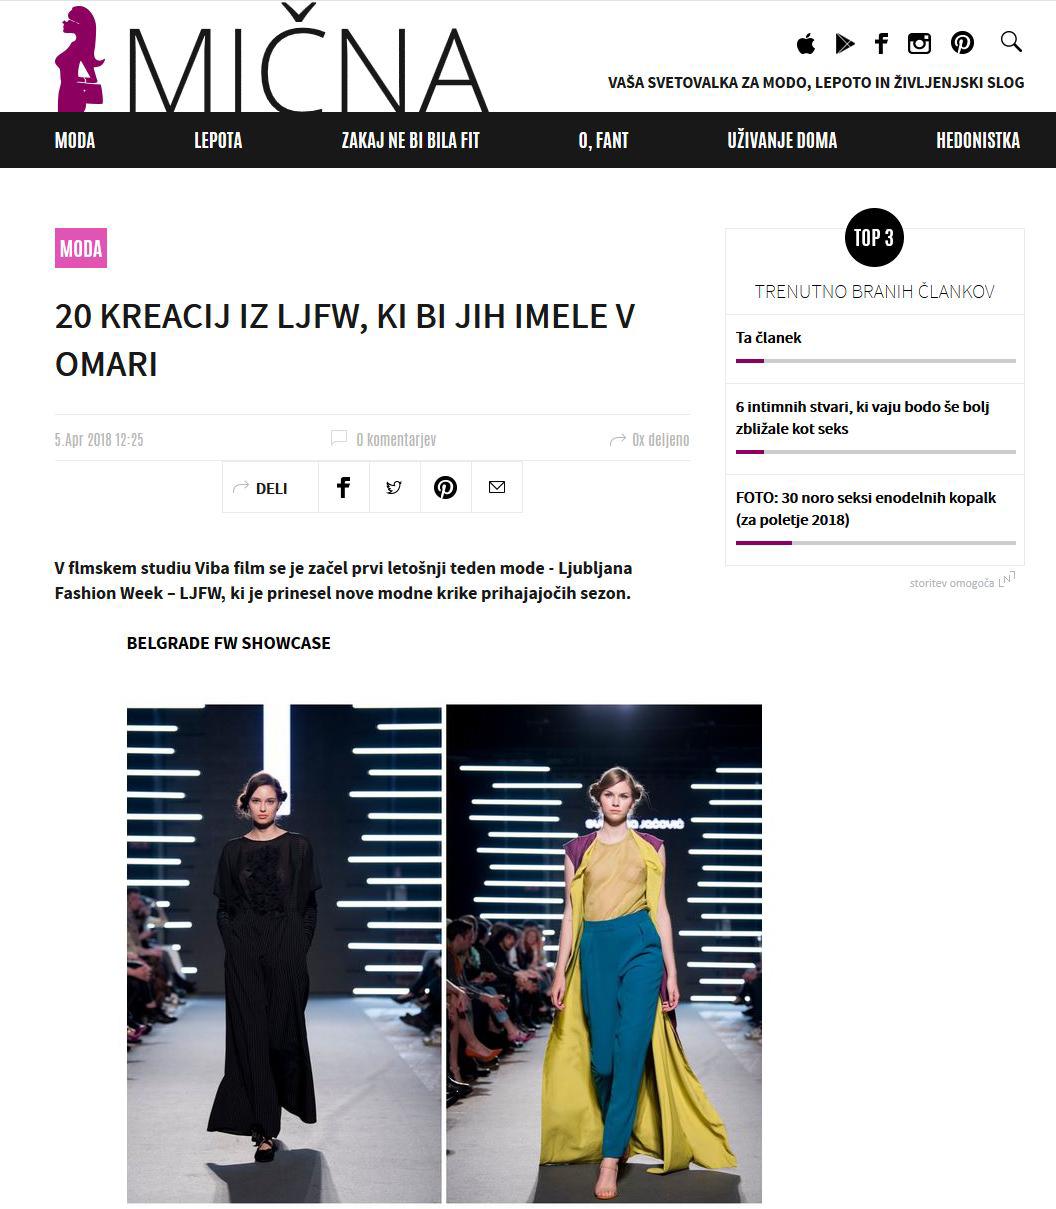 micna.slovenskenovice.si, Apr 2018